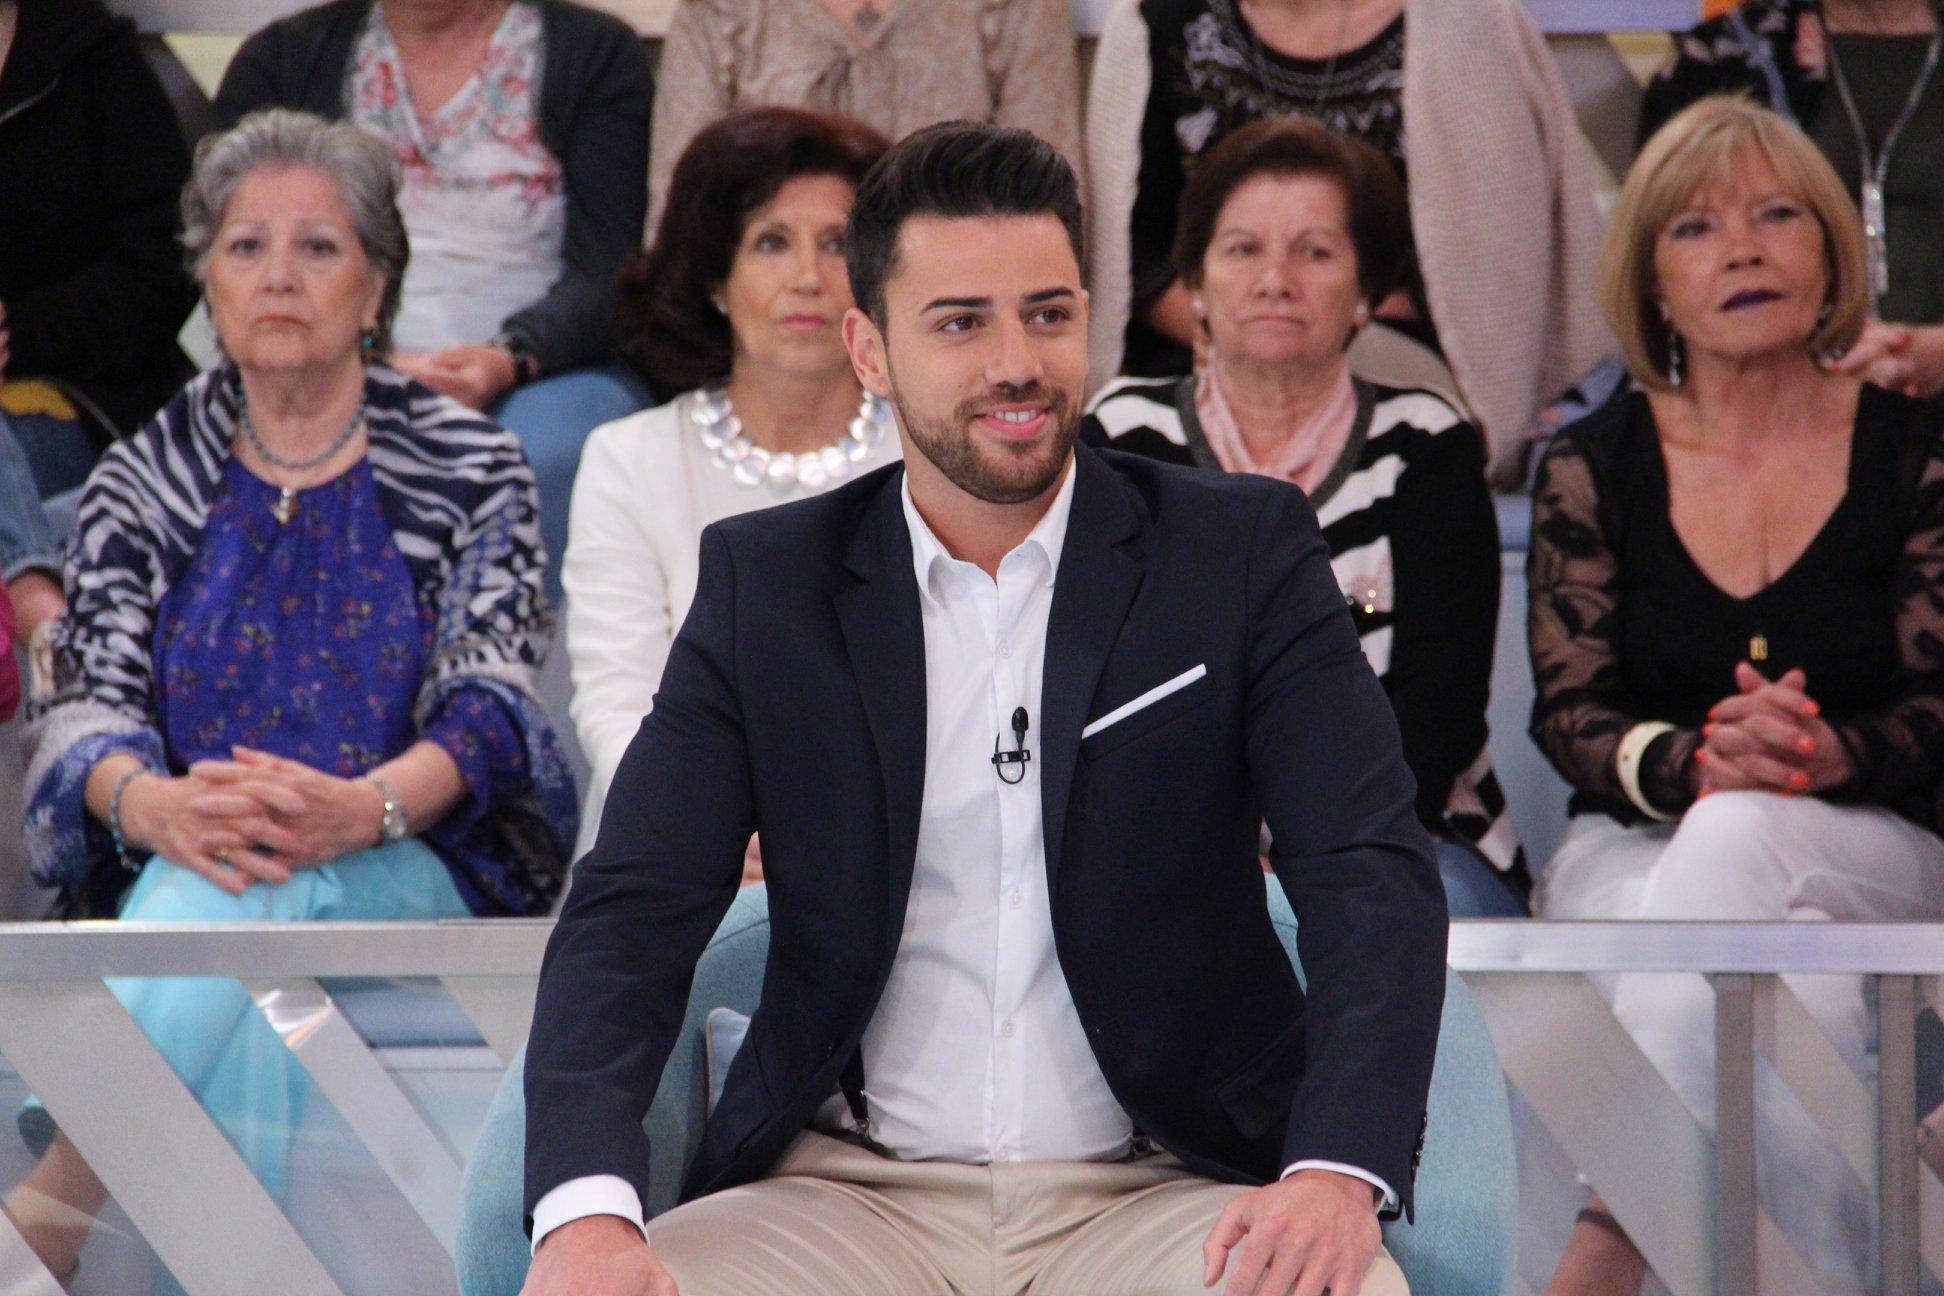 Casa Dos Segredos Rui Voce Na Tv Rui Esteve No «Você Na Tv» E Goucha Revelou «Gabriela É Alguém Que Precisa De Ajuda»